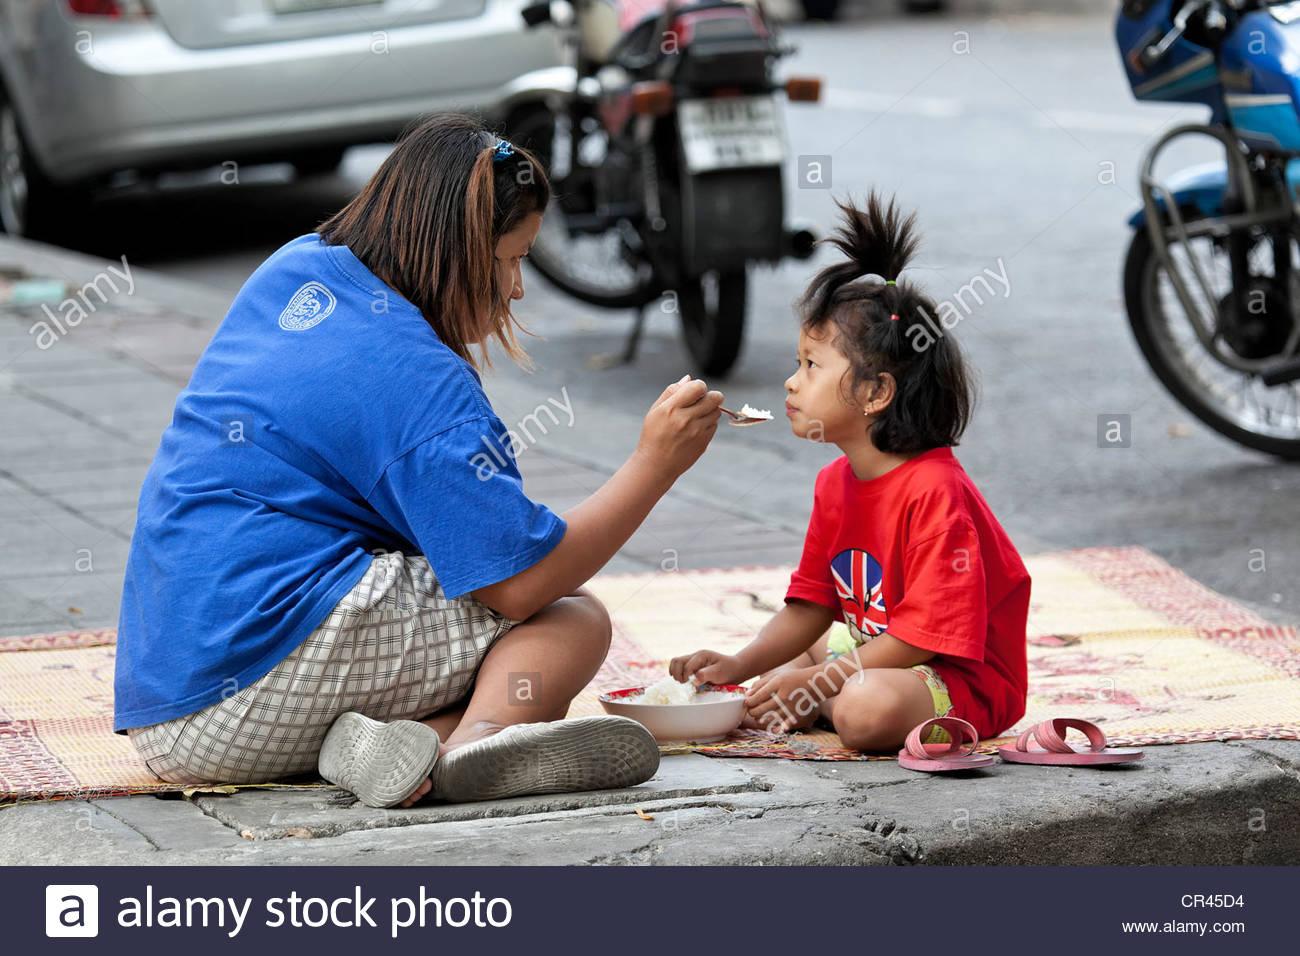 Mère nourrit sa fille sur le bord de la route, Bangkok, Thailande, Asie Banque D'Images